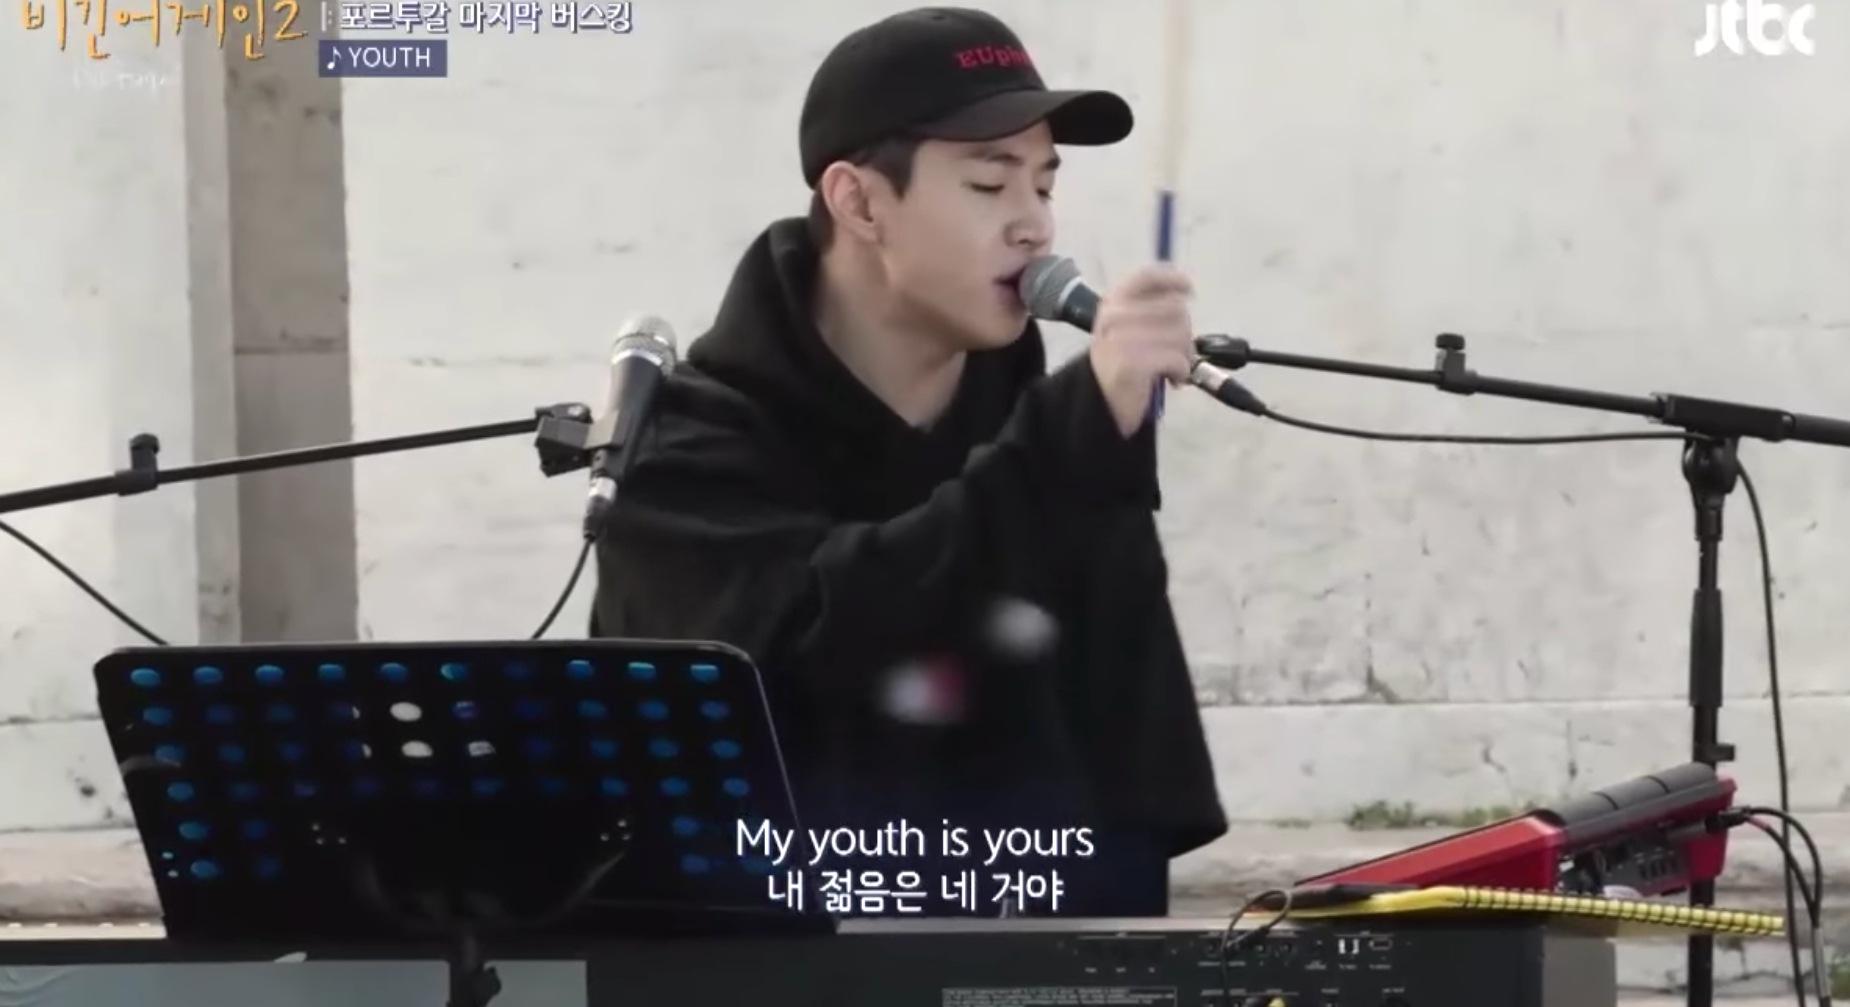 另外,Henry也參與了音樂綜藝《Begin Again 2》與李秀賢、朴正炫、河琳組成隊伍前往歐洲街頭公演。節目中由Henry改編演唱的《Youth》反應相當熱烈,在Naver TV上突破了百萬觀看!